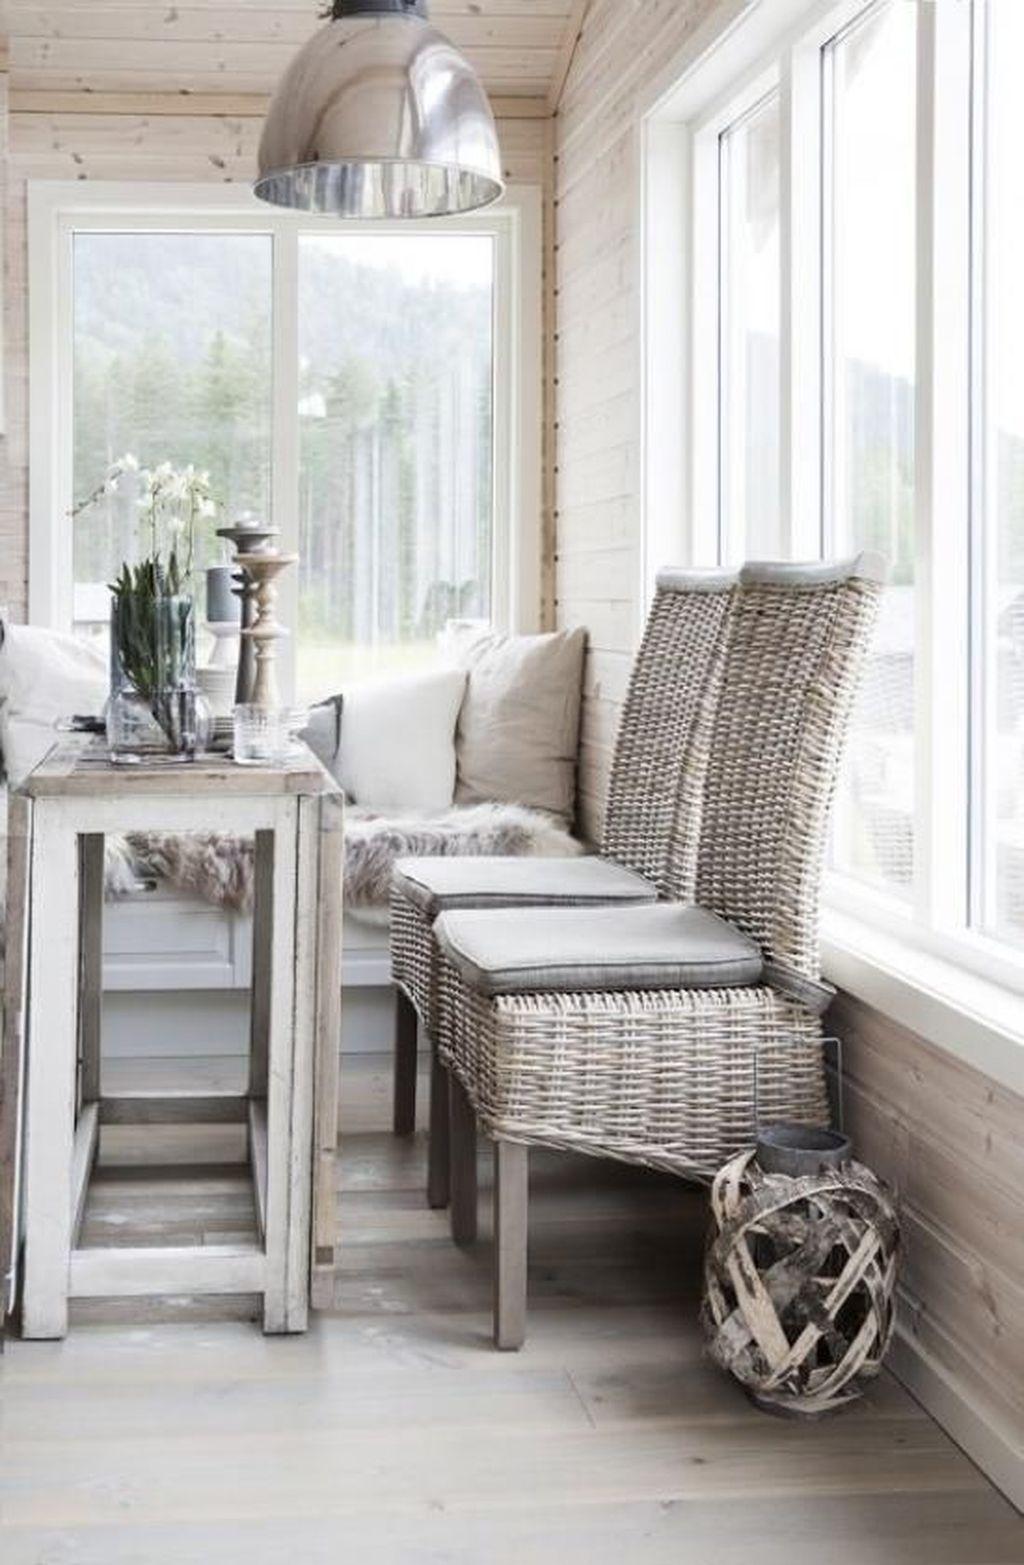 Impressive 36 The Best Indoor Wicker Furniture Ideas